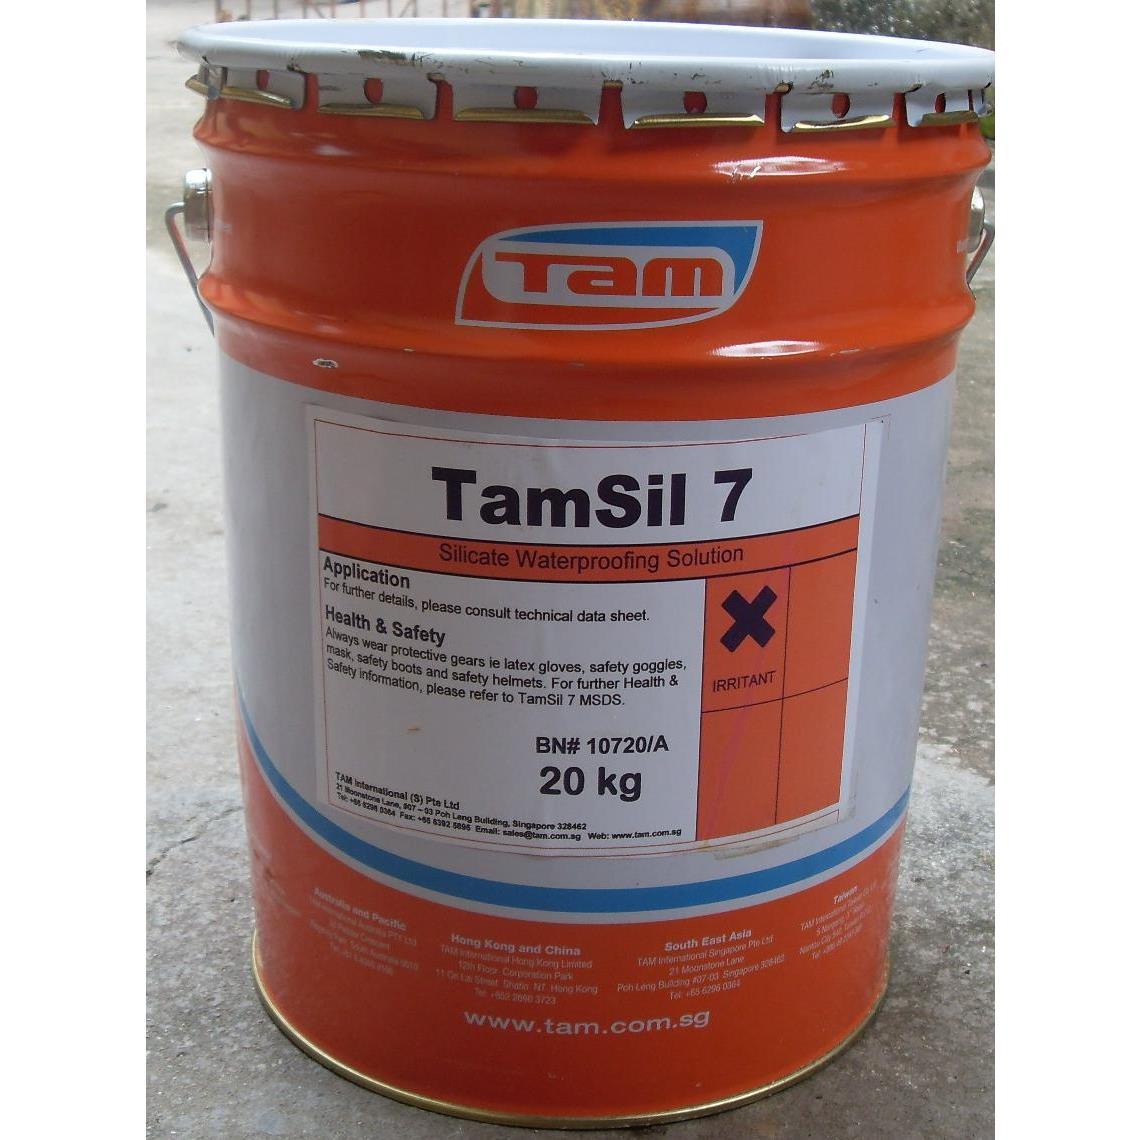 Tamsil 7